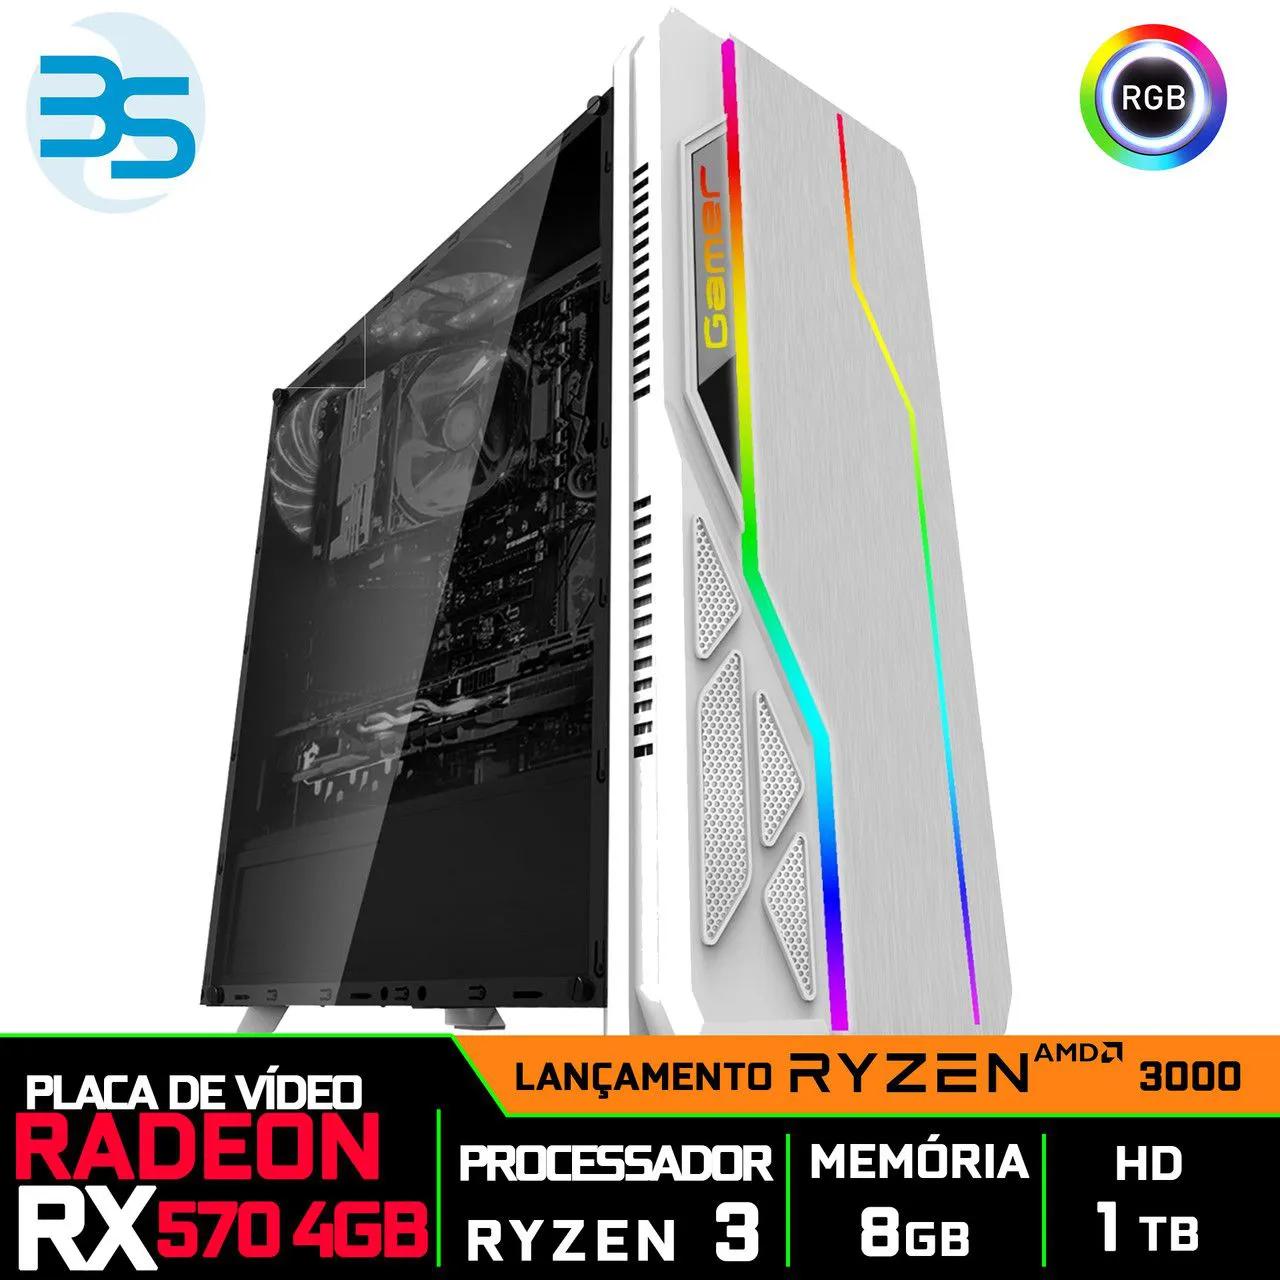 Computador Gamer Ryzen 3 3200G, Radeon RX 570 4GB, 8GB DDR4, HD 1TB, 500W